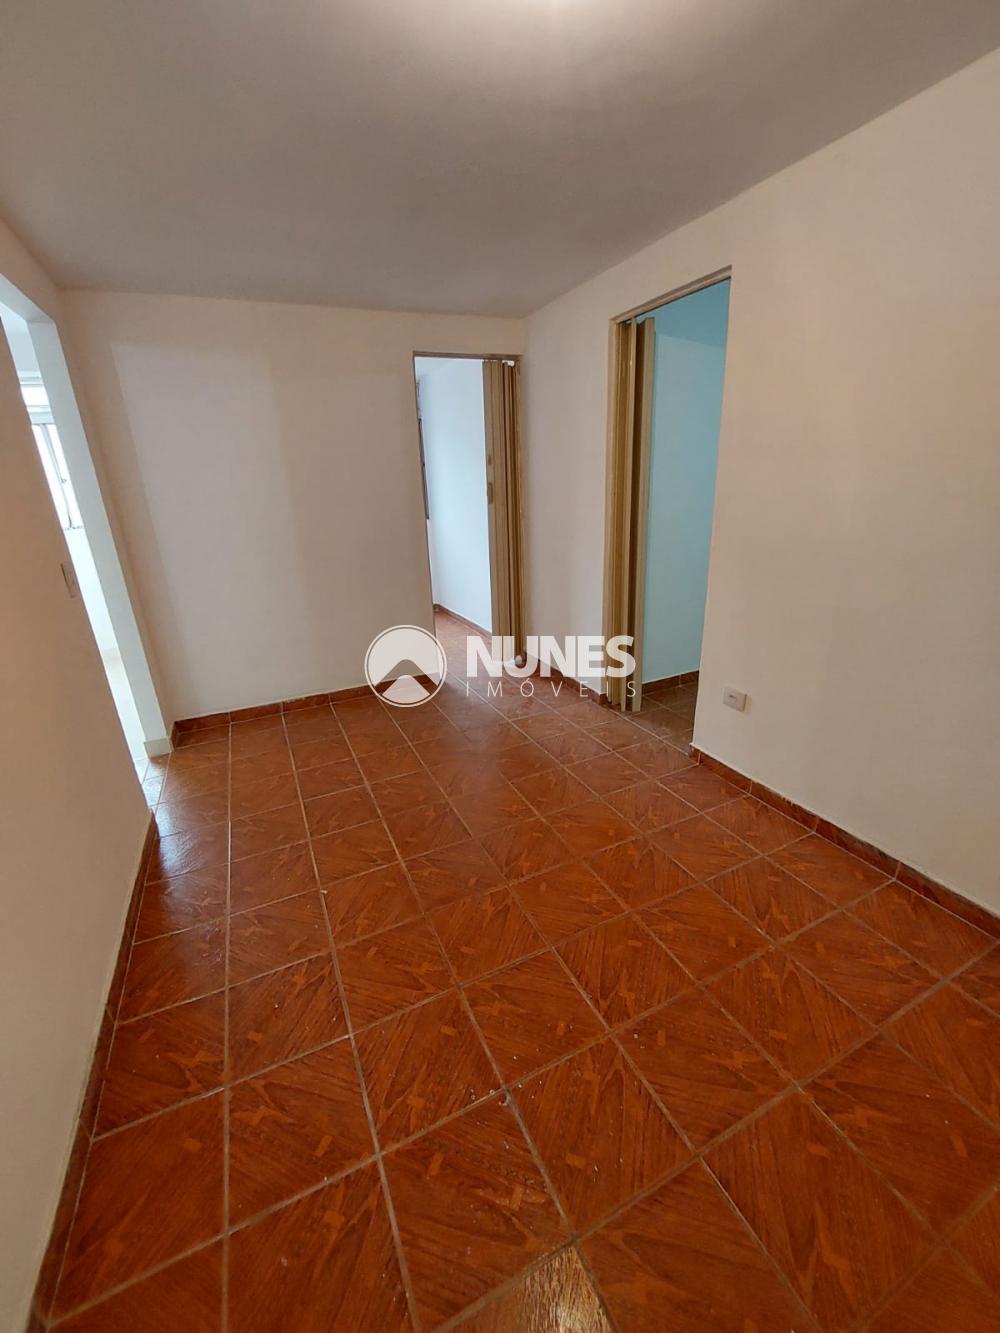 Comprar Apartamento / Padrão em Carapicuíba R$ 135.000,00 - Foto 2